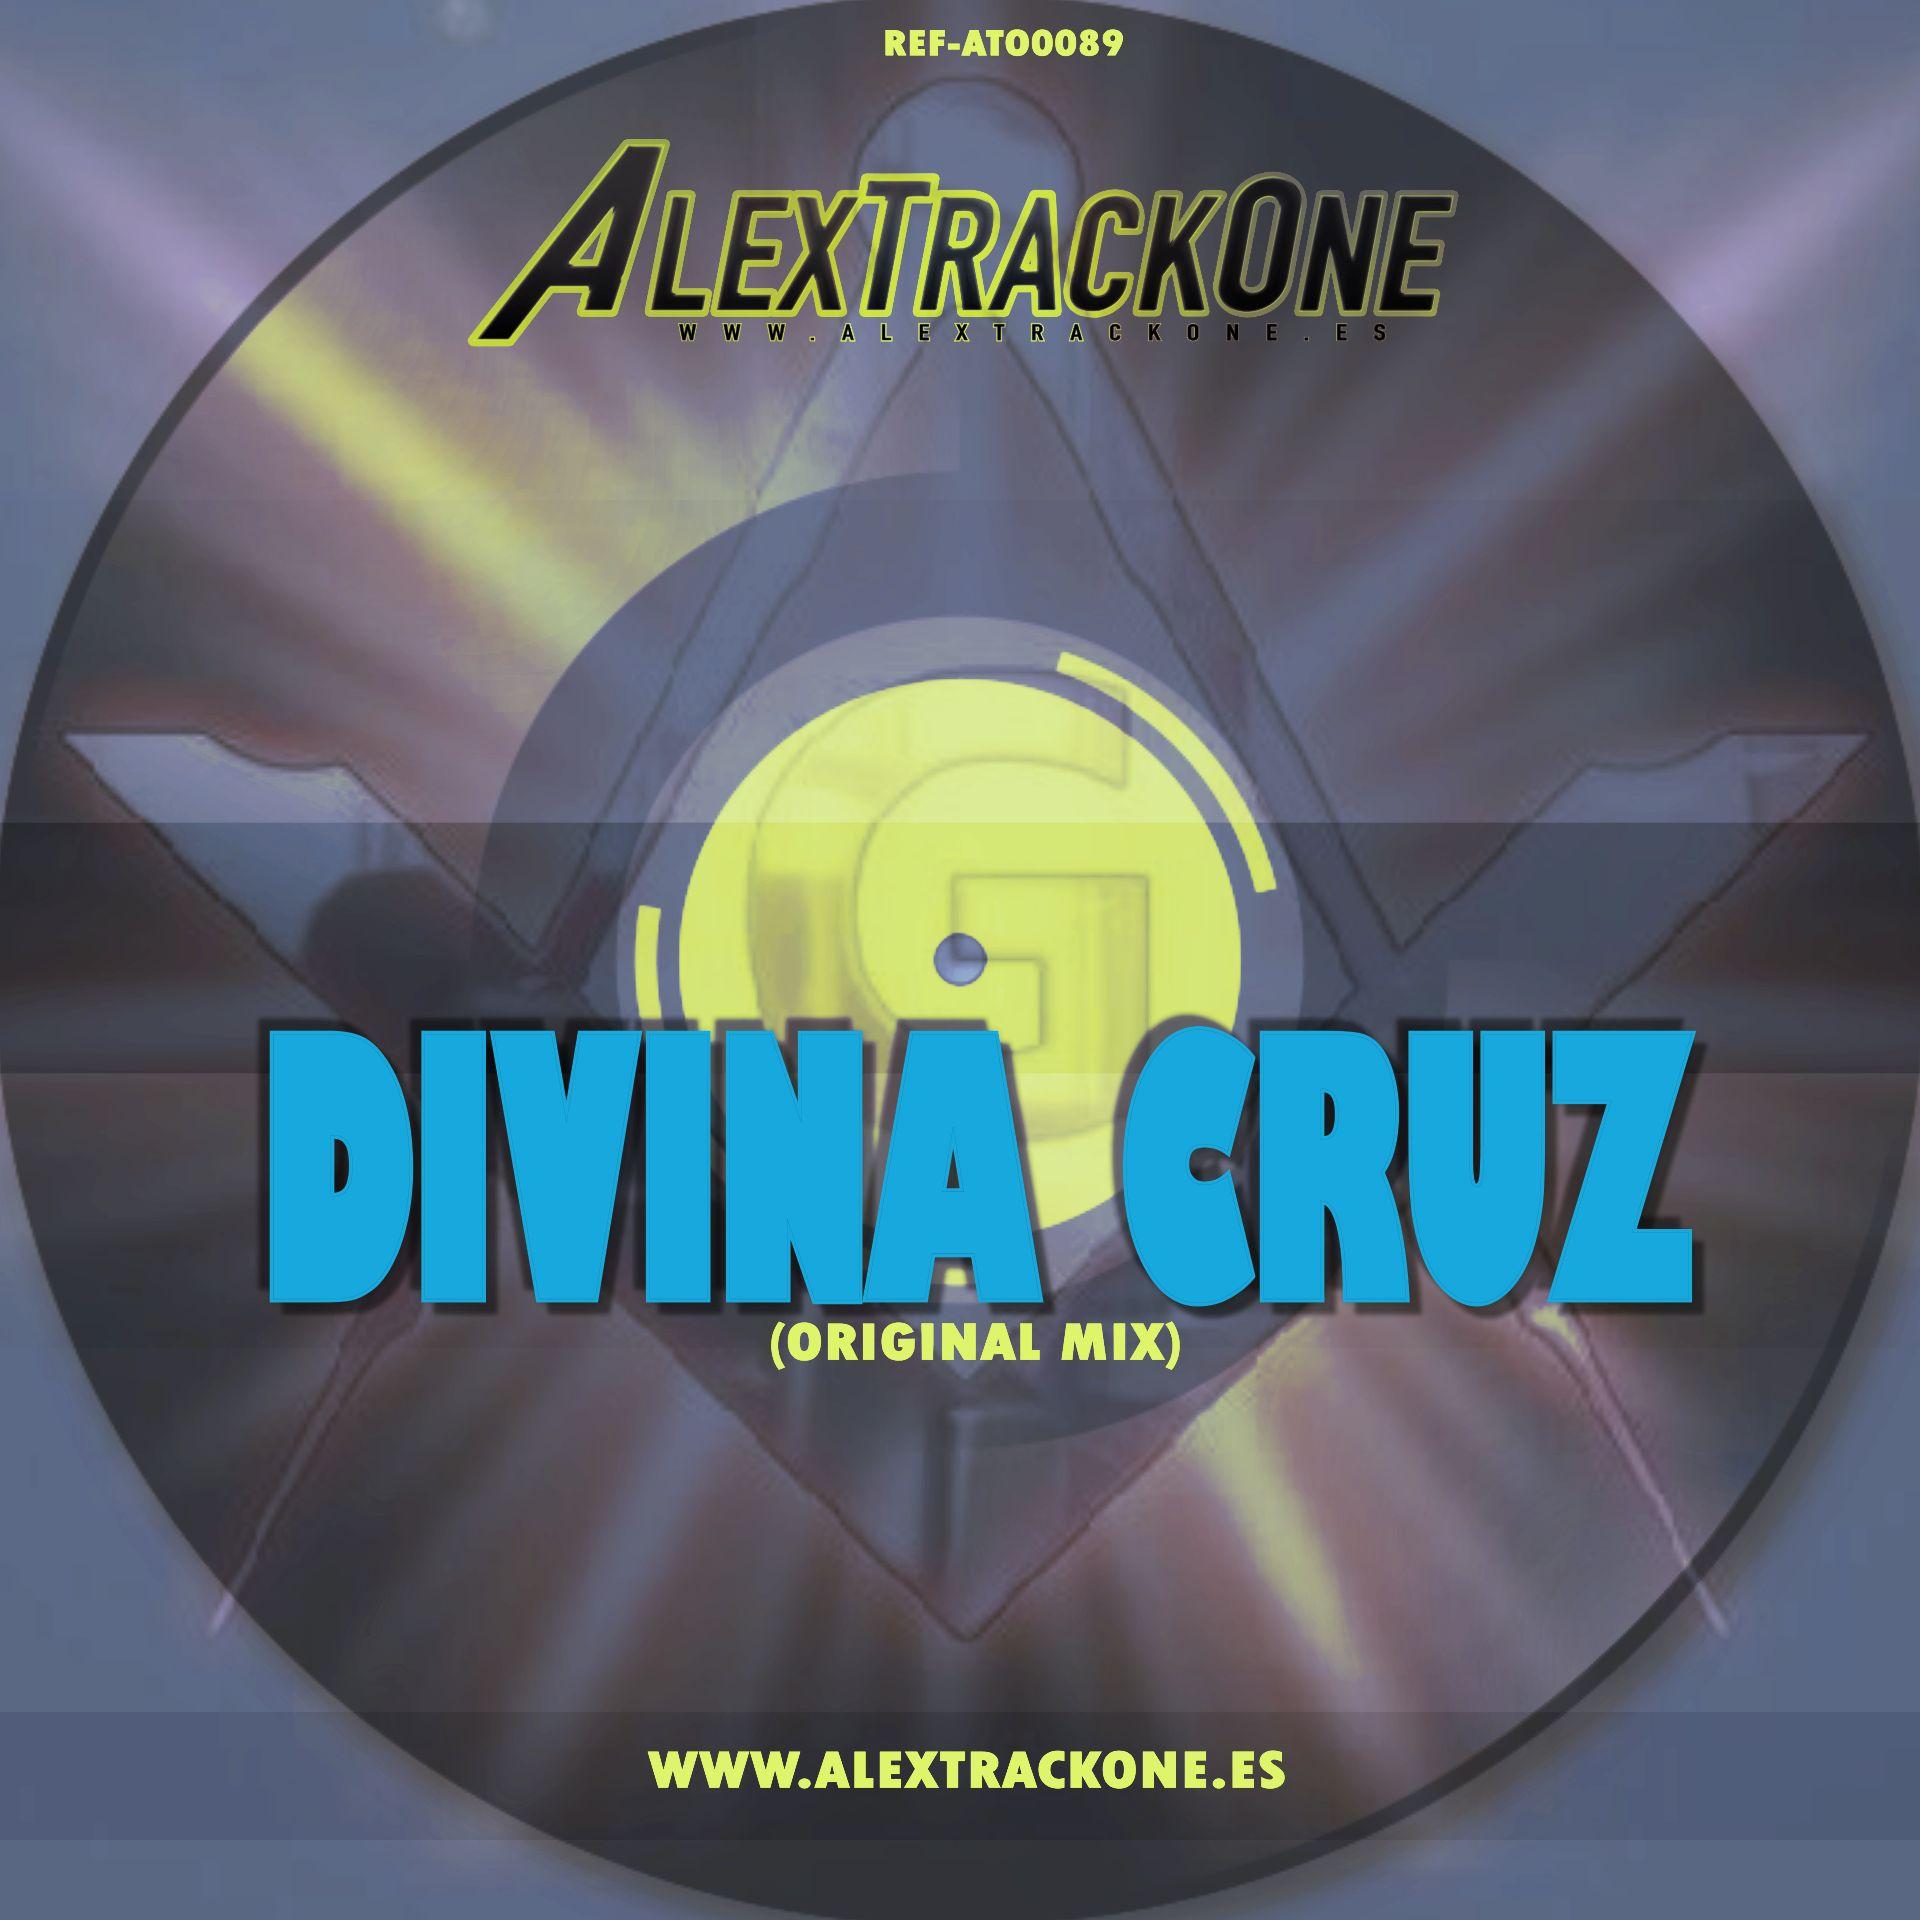 REF-ATO0089 DIVINA CRUZ (ORIGINAL MIX) (MP3 & WAV & FLAC)